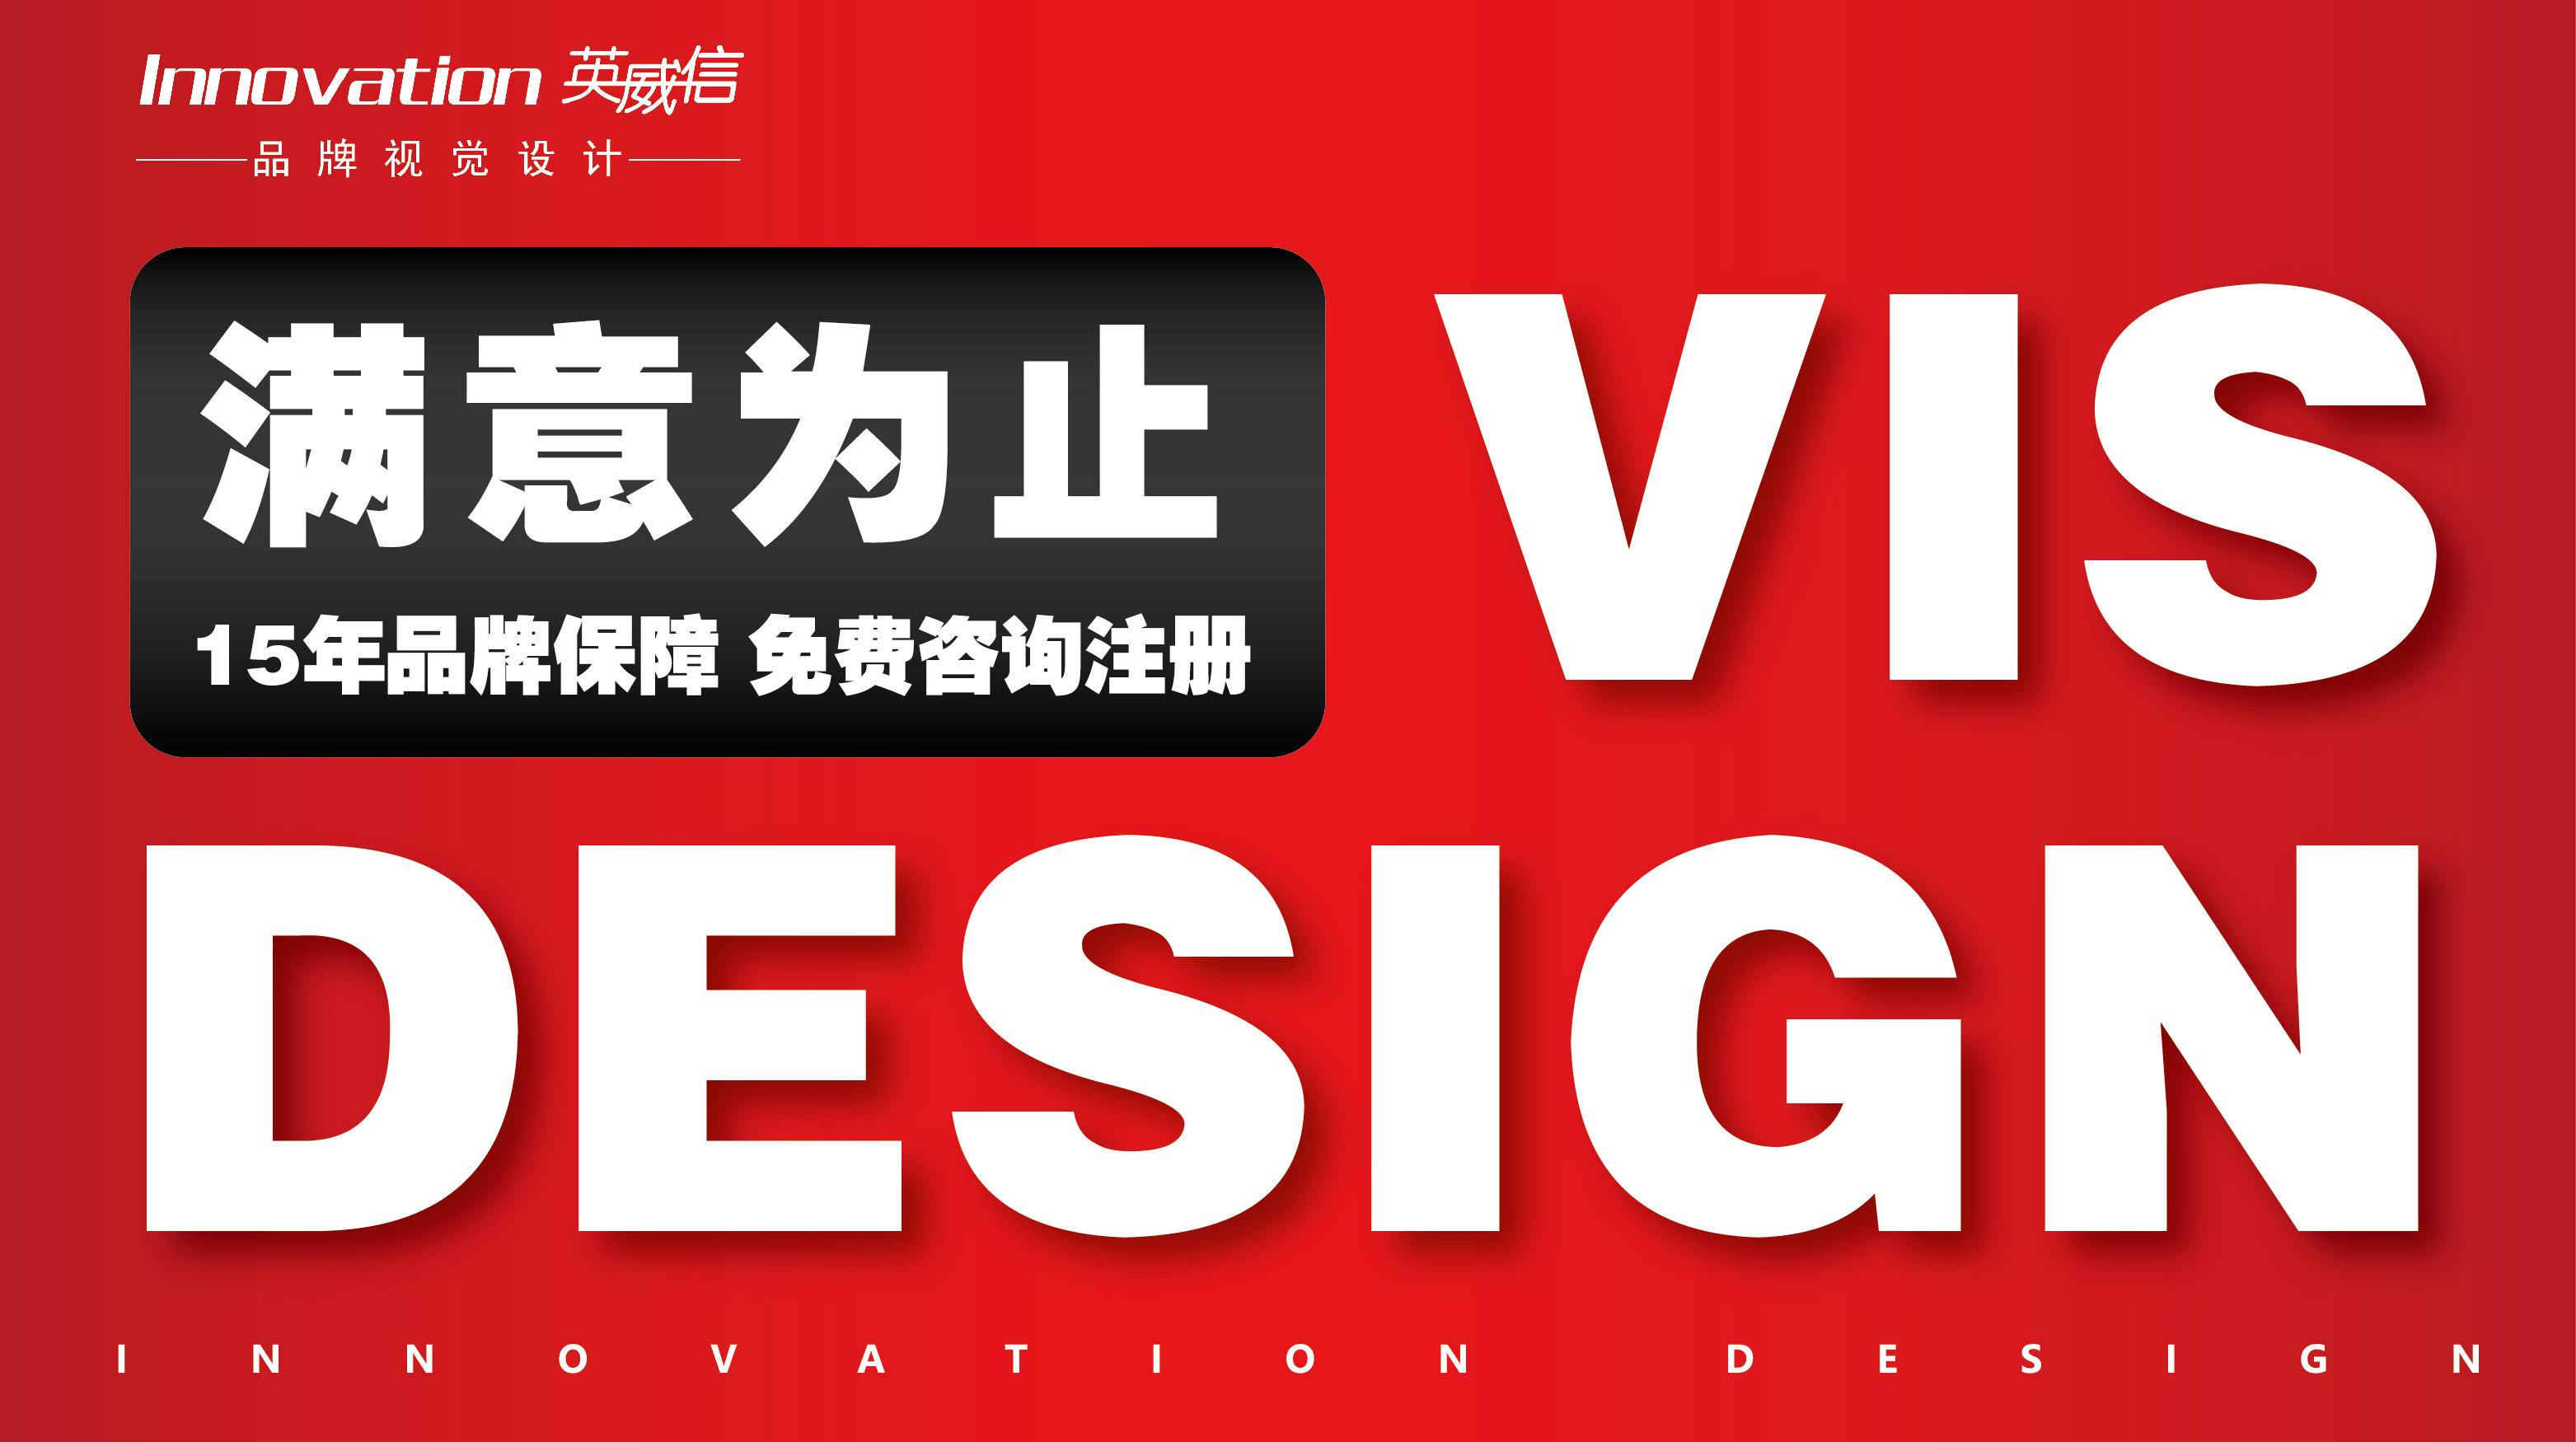 企业形象VI系统设计vi定制食品房产美容服装医疗家居